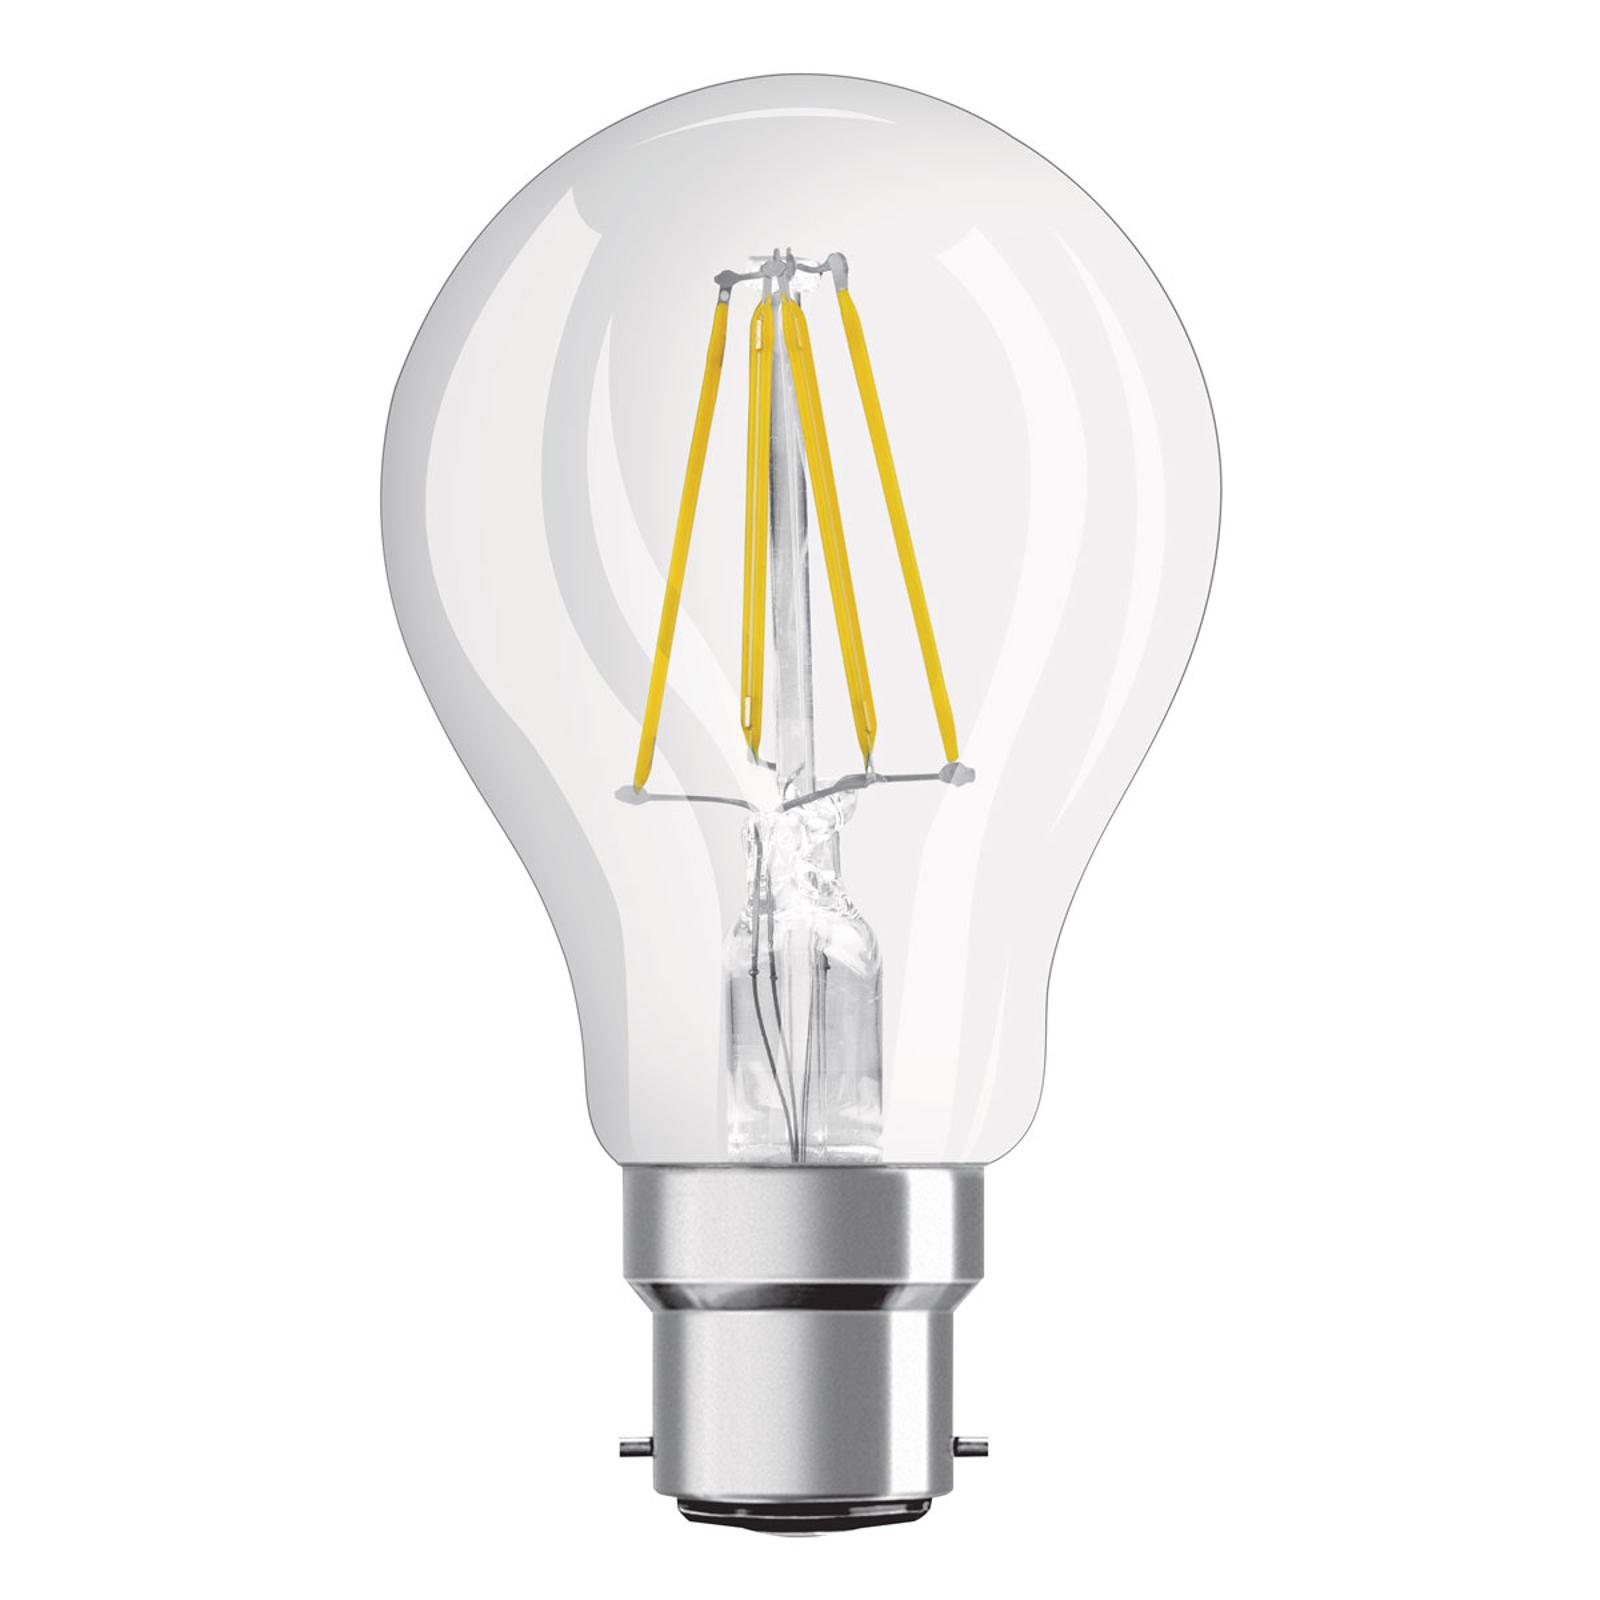 OSRAM-LED-lamppu B22d Superstar 827 7W dim kirkas